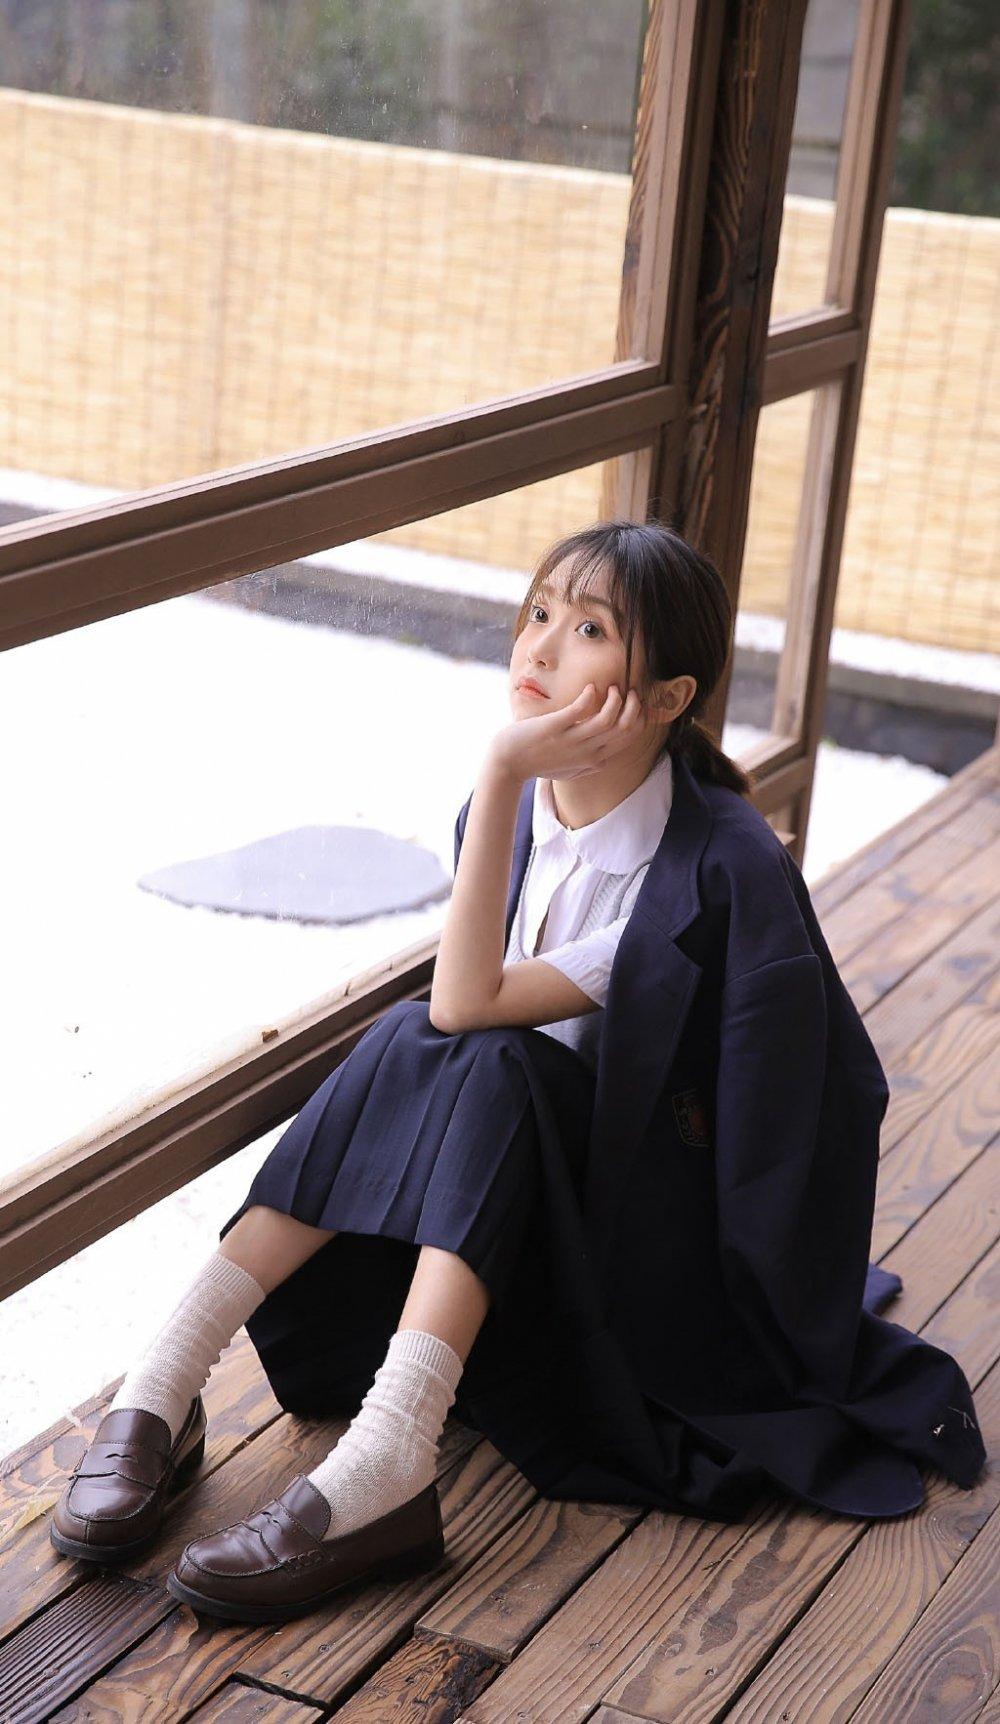 极品清纯校园学生妹制服美女户外空灵氧气写真